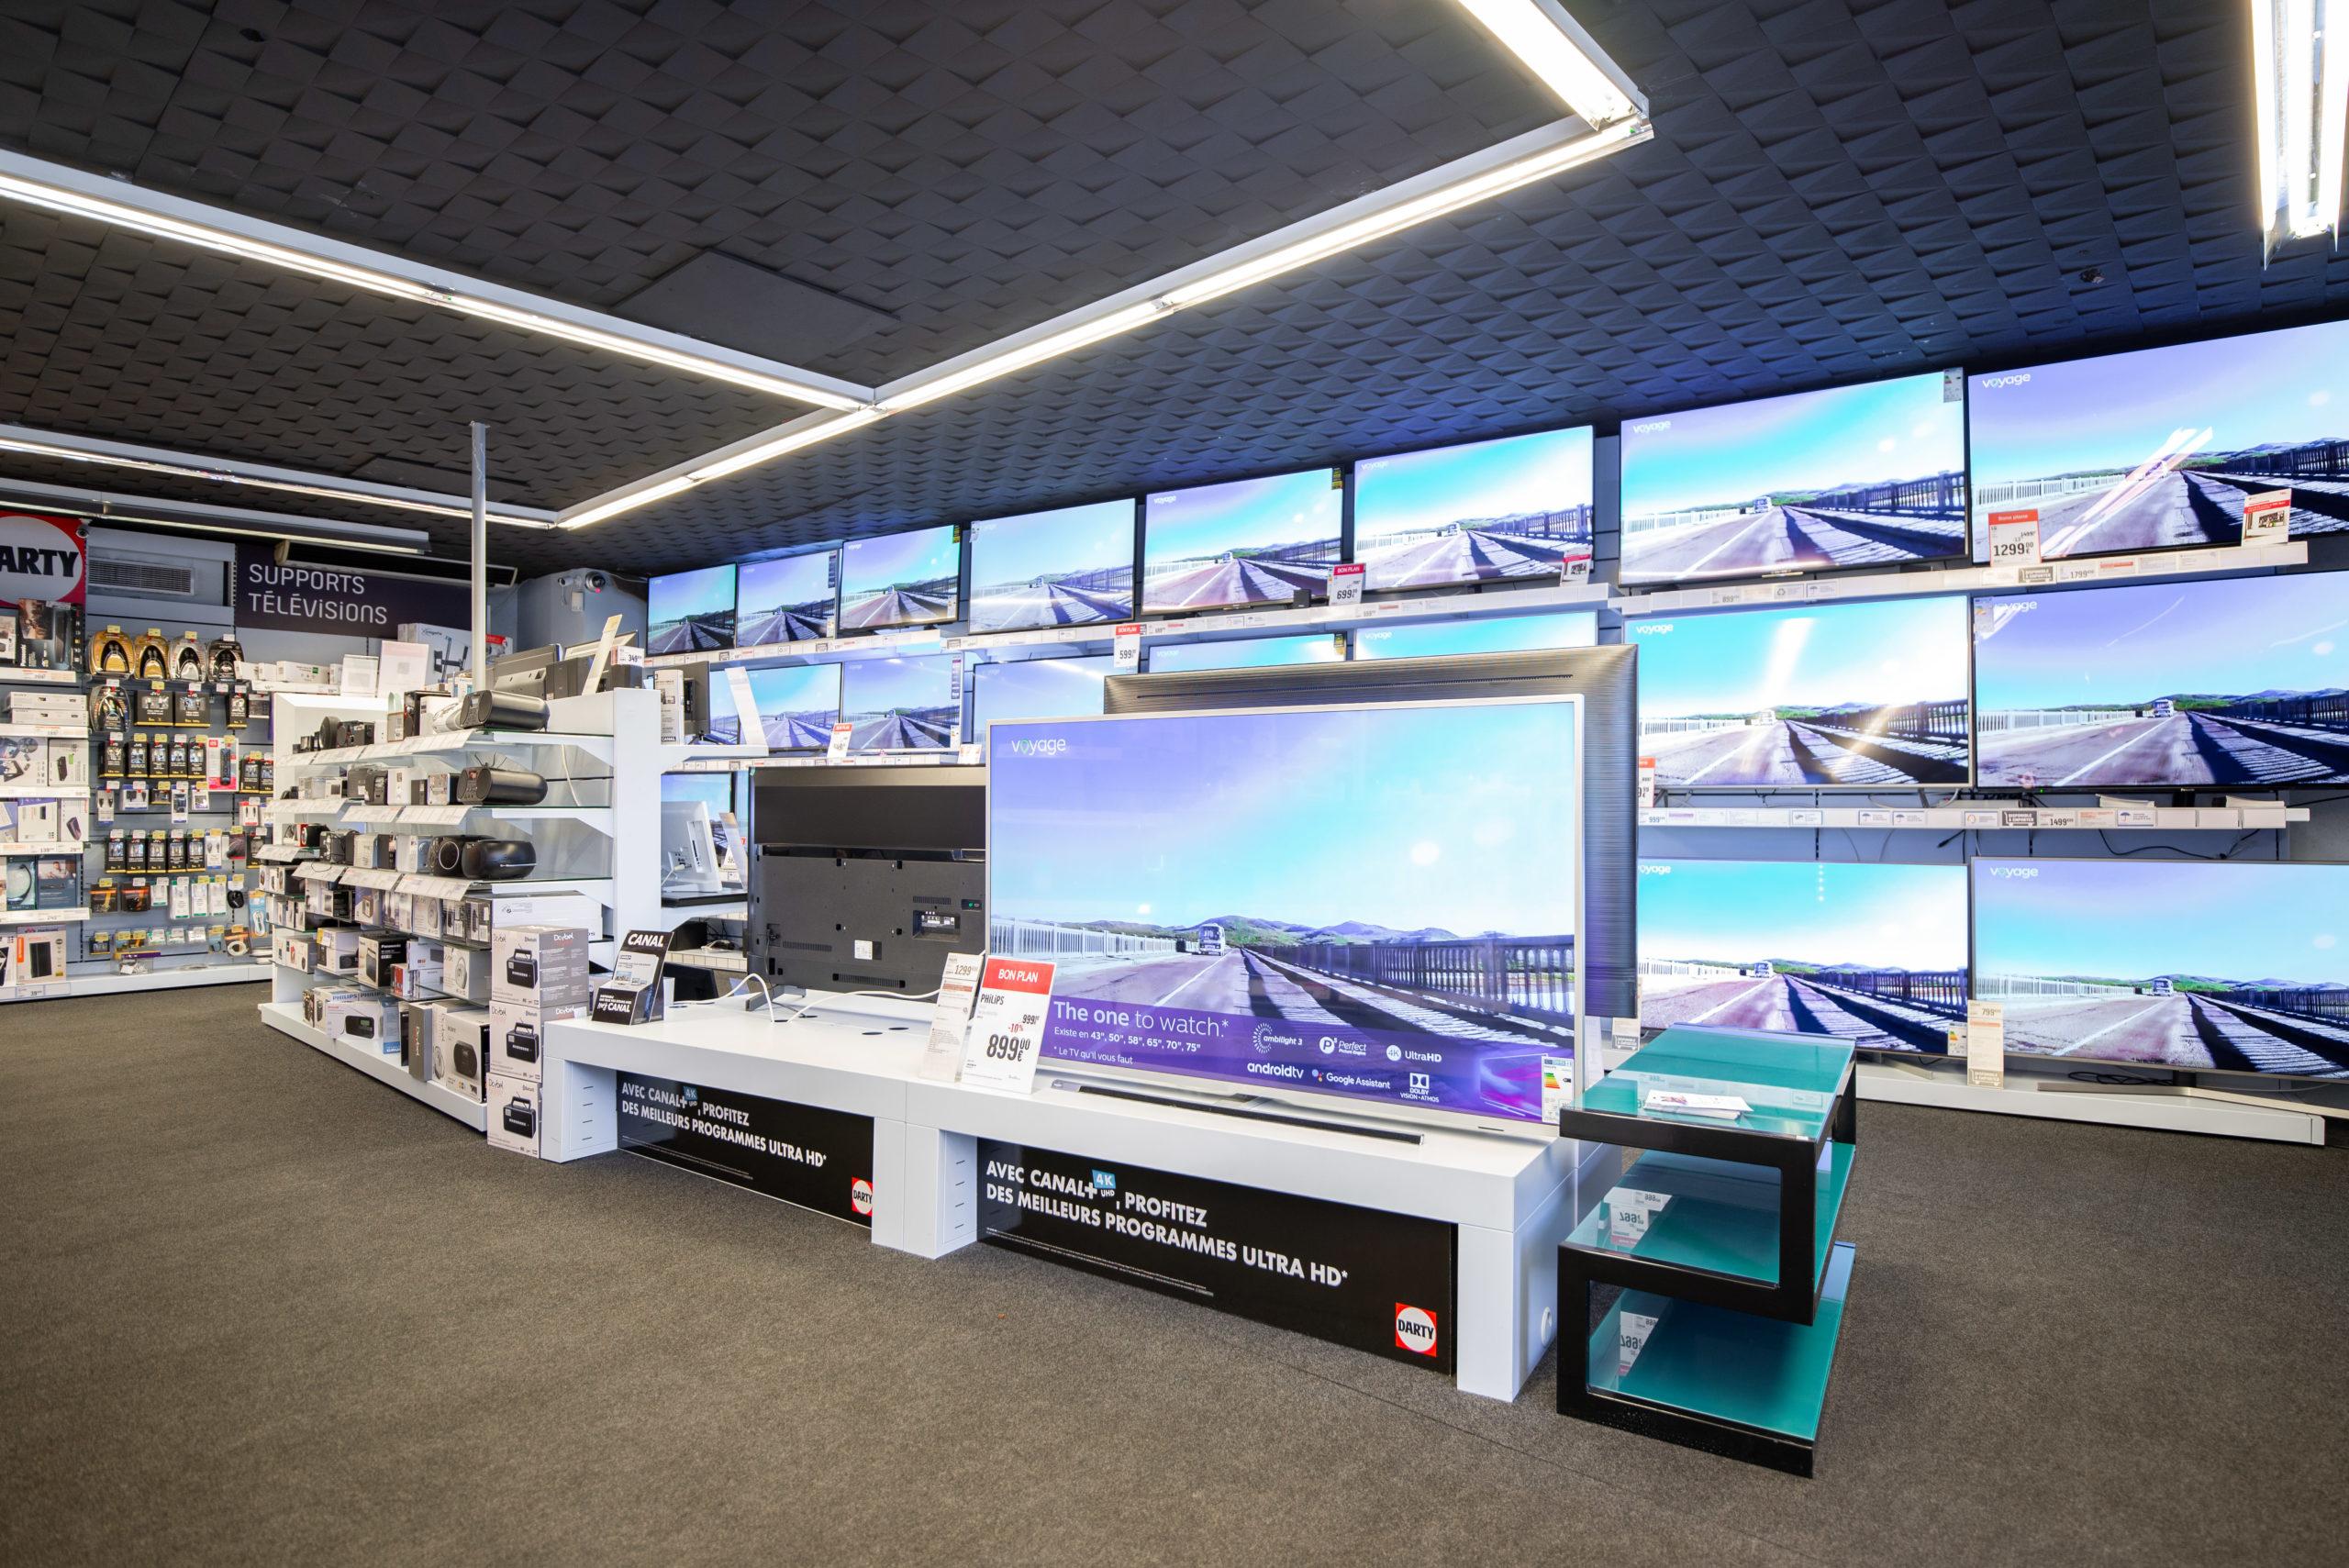 magasin apt tv etablissements parfait, apt, carpentras, électroménager, télévision, tv, audio, téléphone, informatique, darty